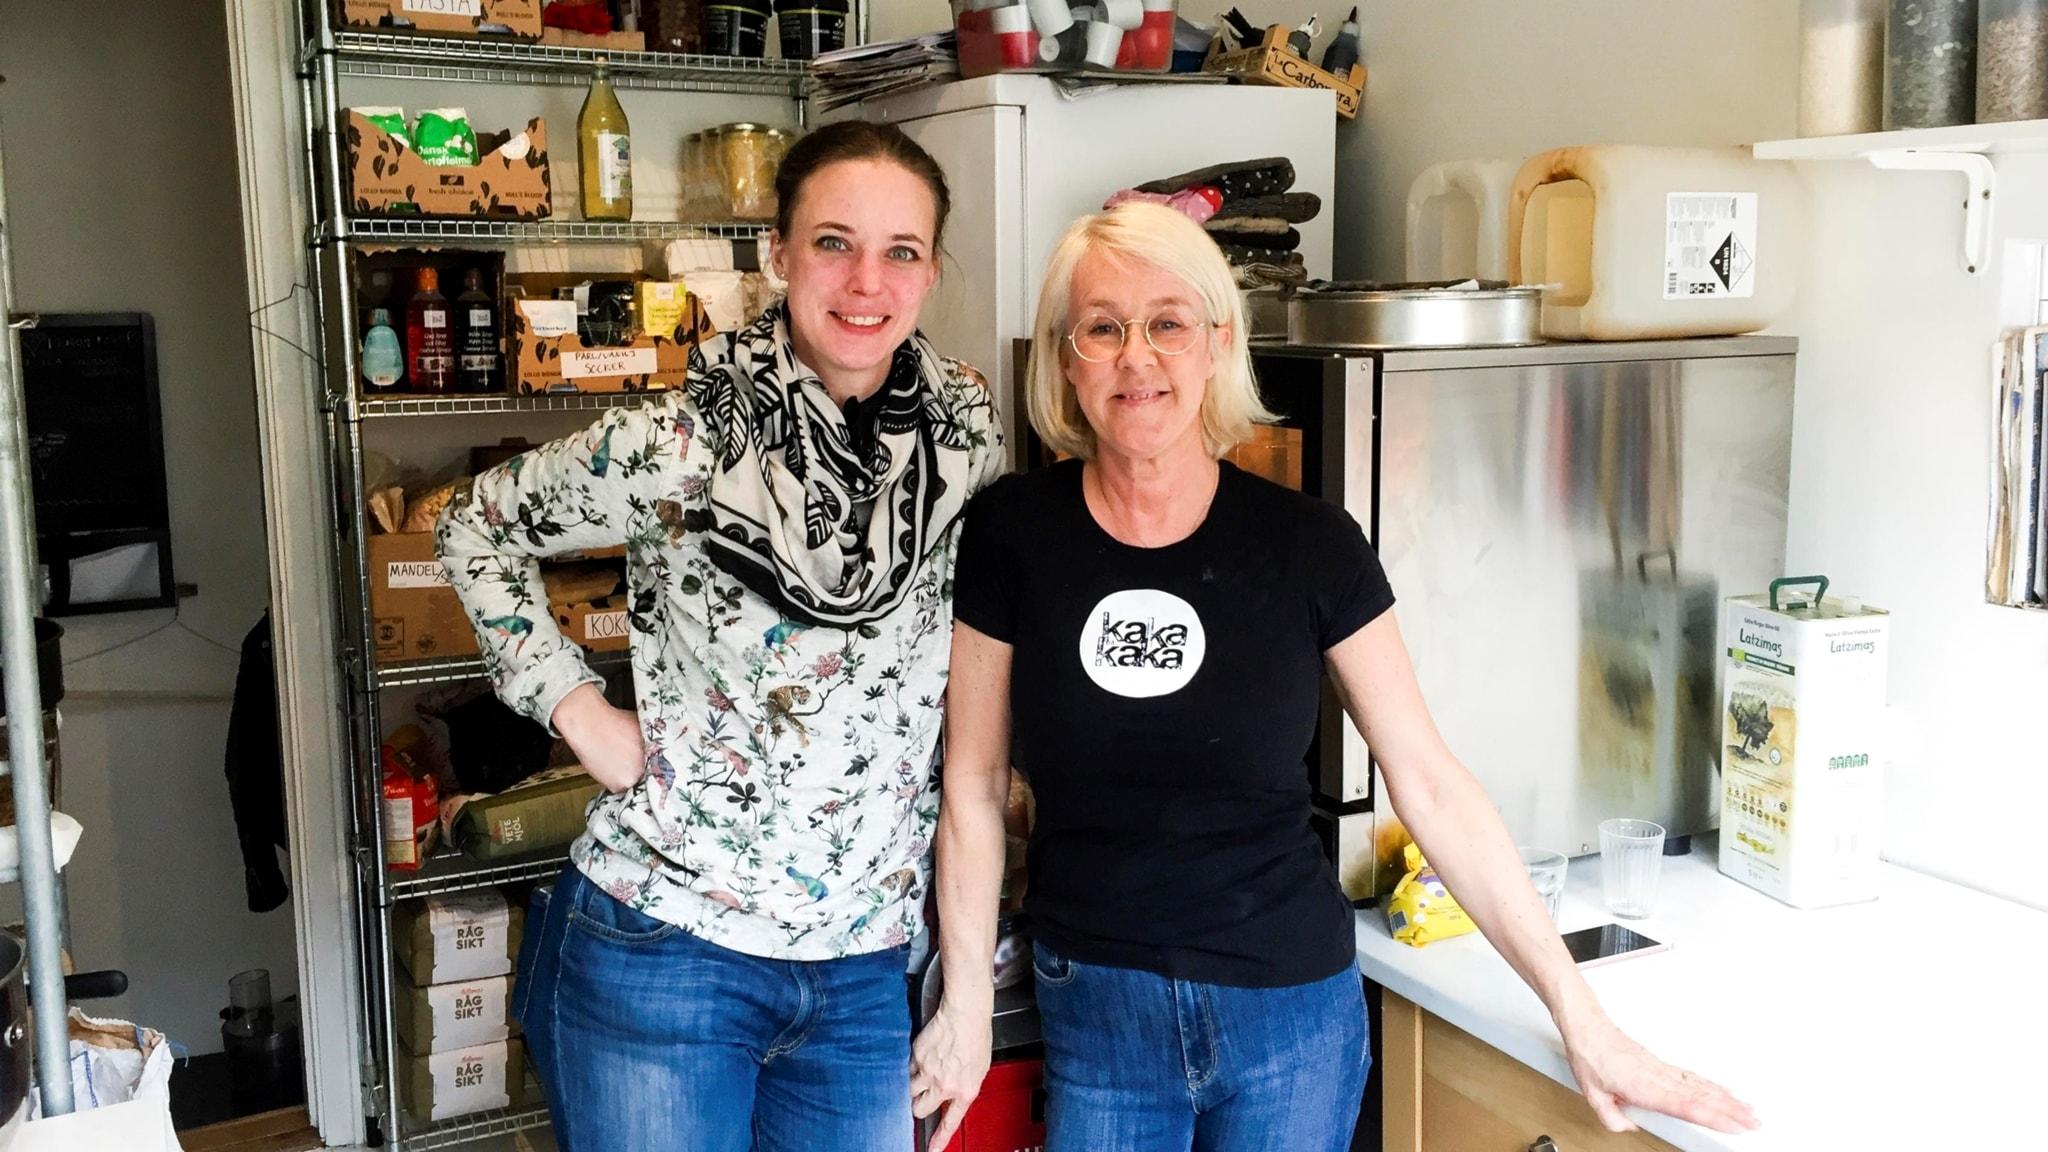 Del 2: Stjärnkocken Titti Q visar ännu mer av sitt mat-Malmö